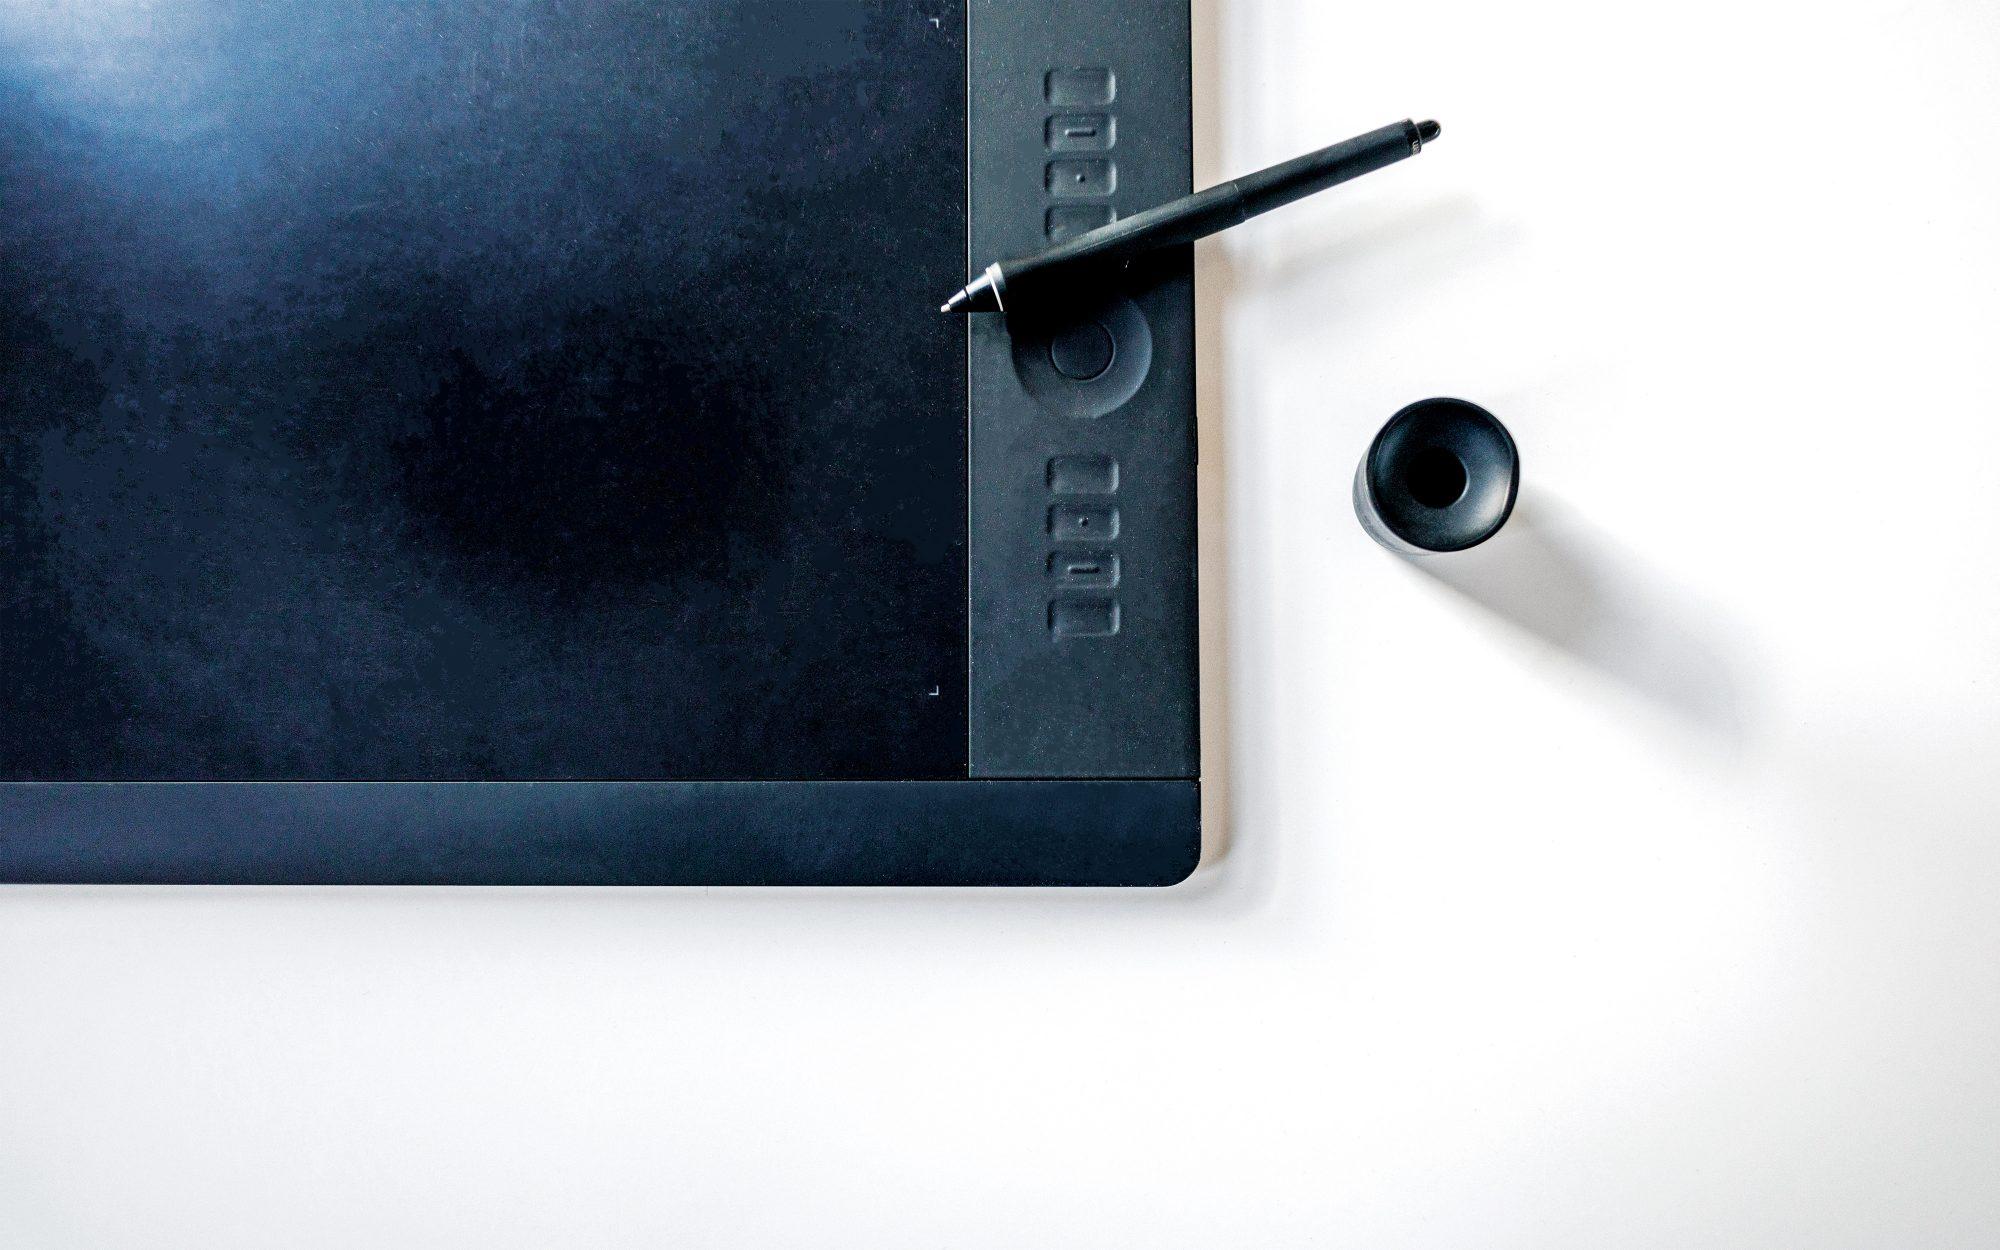 GRACO-Senftenberg-Tablet-Reinzeichnung